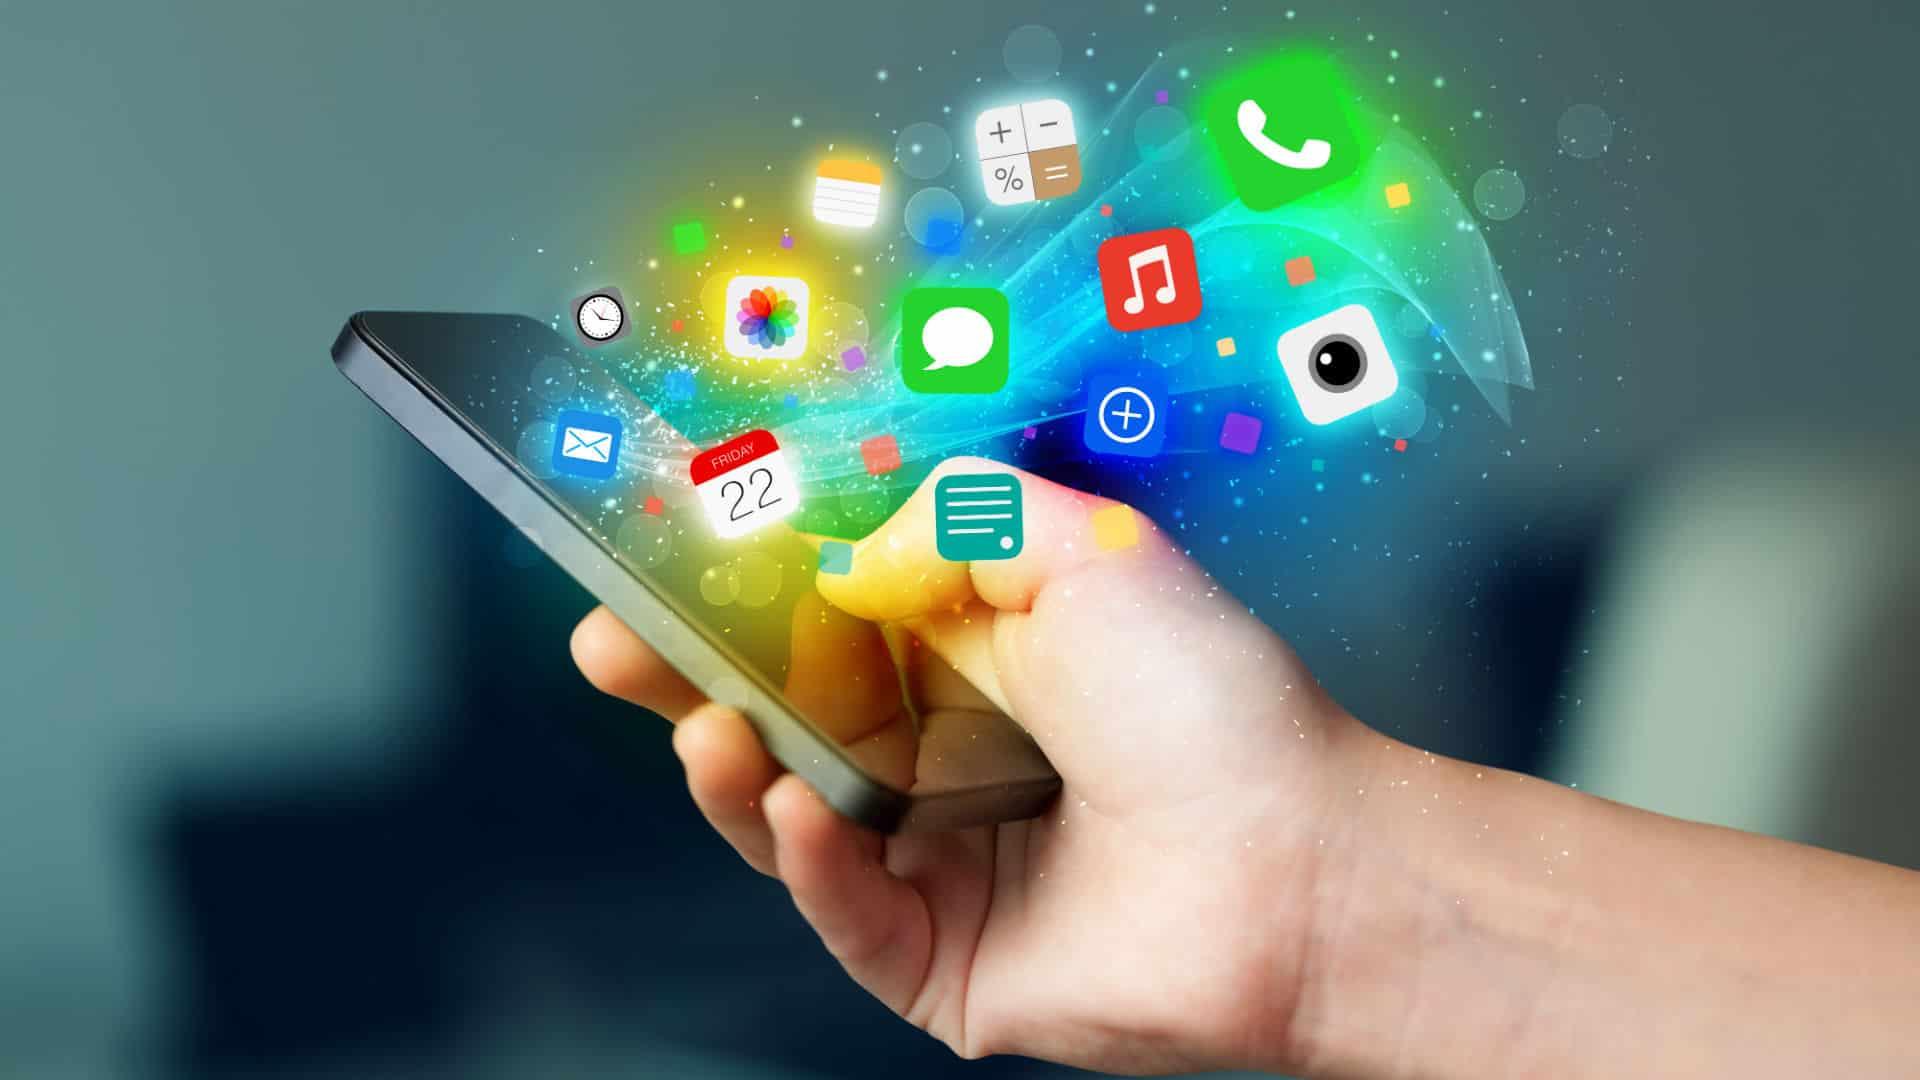 أسماء أشهر تطبيقات مفيدة للأندرويد والأيفون